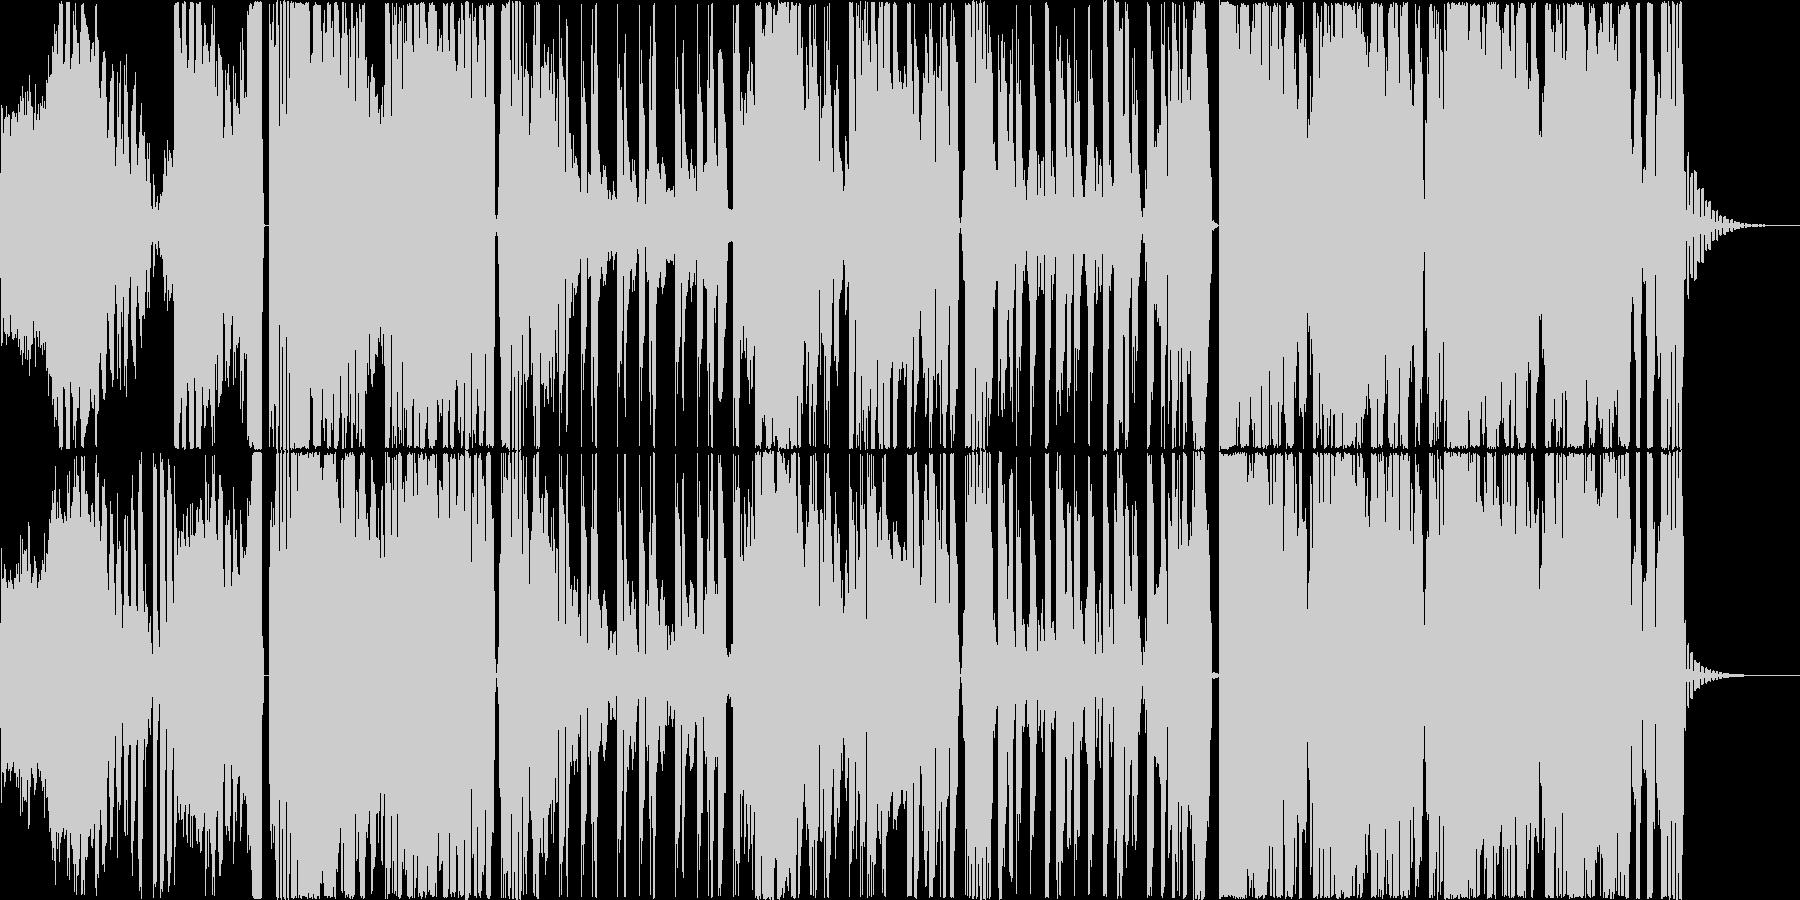 ブチアゲ/HipHop/シンセの未再生の波形